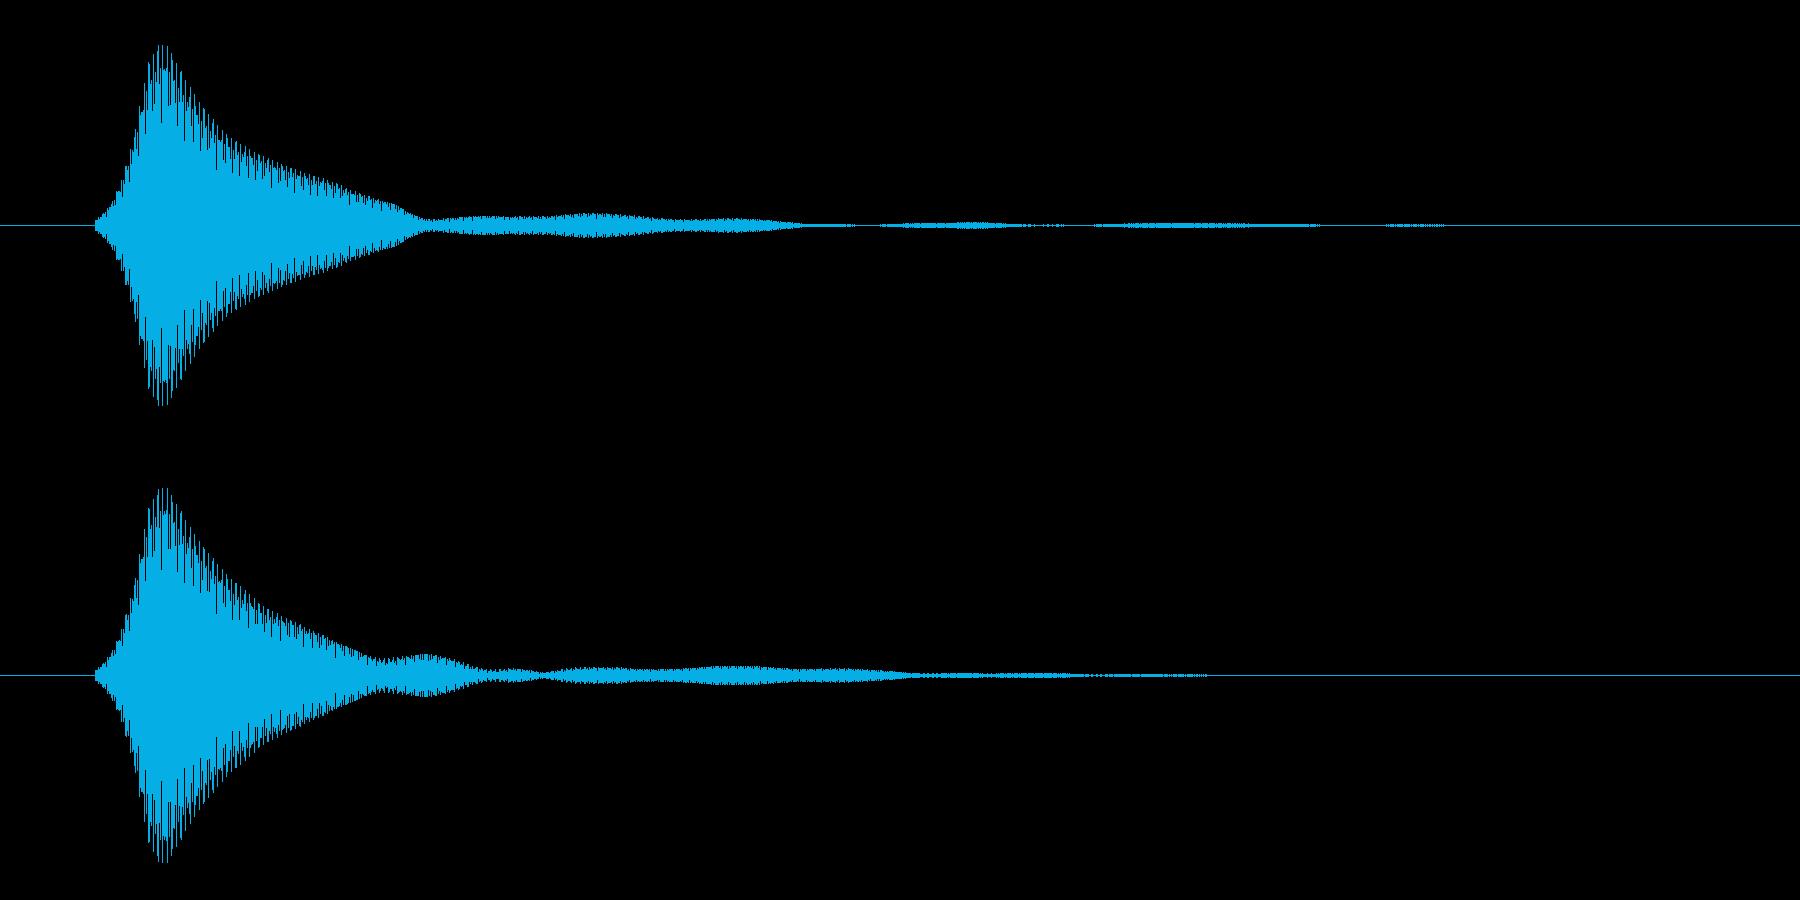 シンプルなボタン音6(ファン)の再生済みの波形